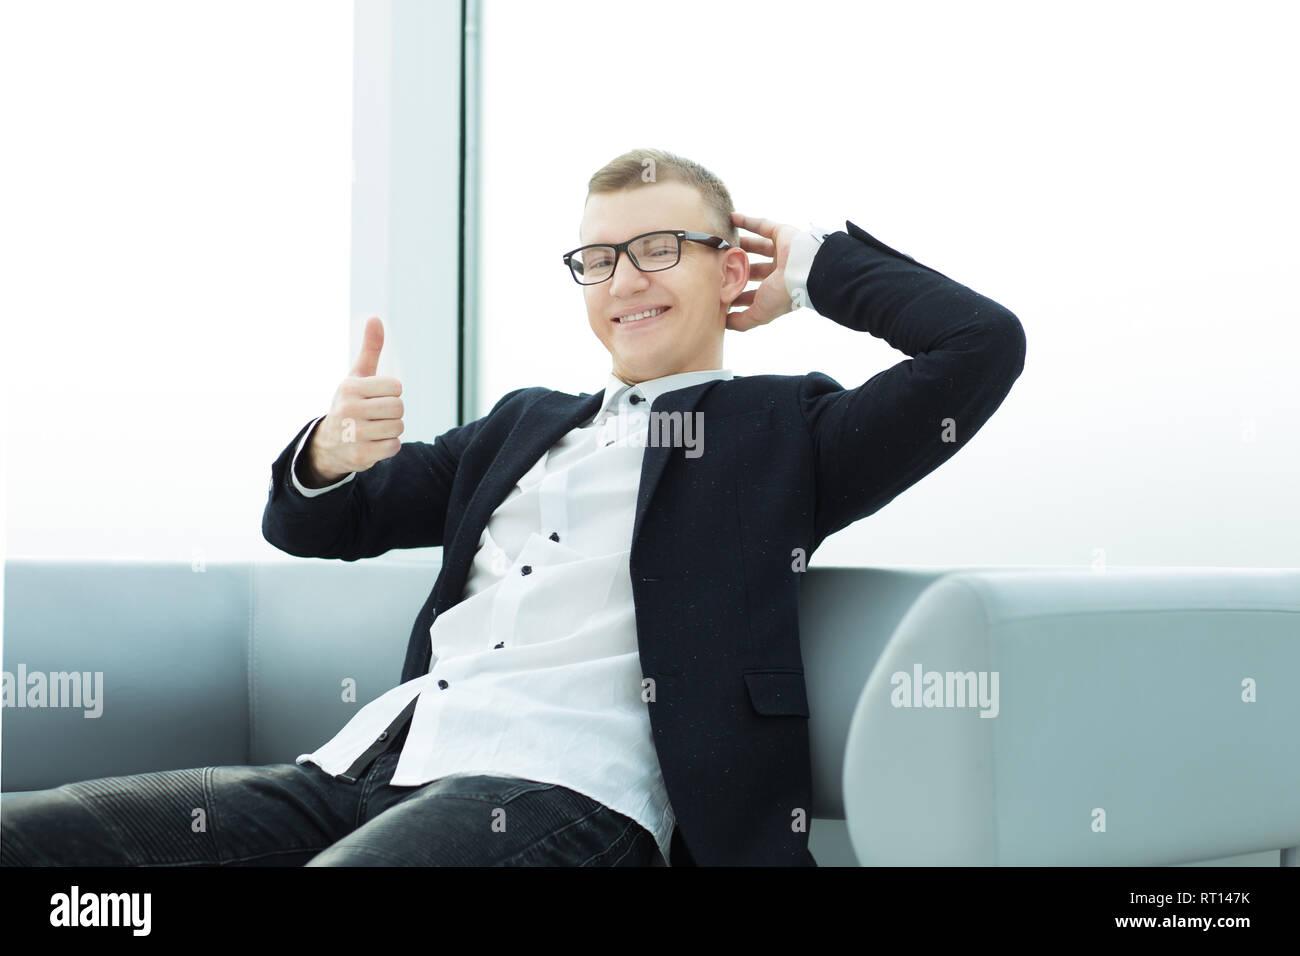 Empresario sentado en el vestíbulo del centro de negocios y mostrando el pulgar hacia arriba. Imagen De Stock